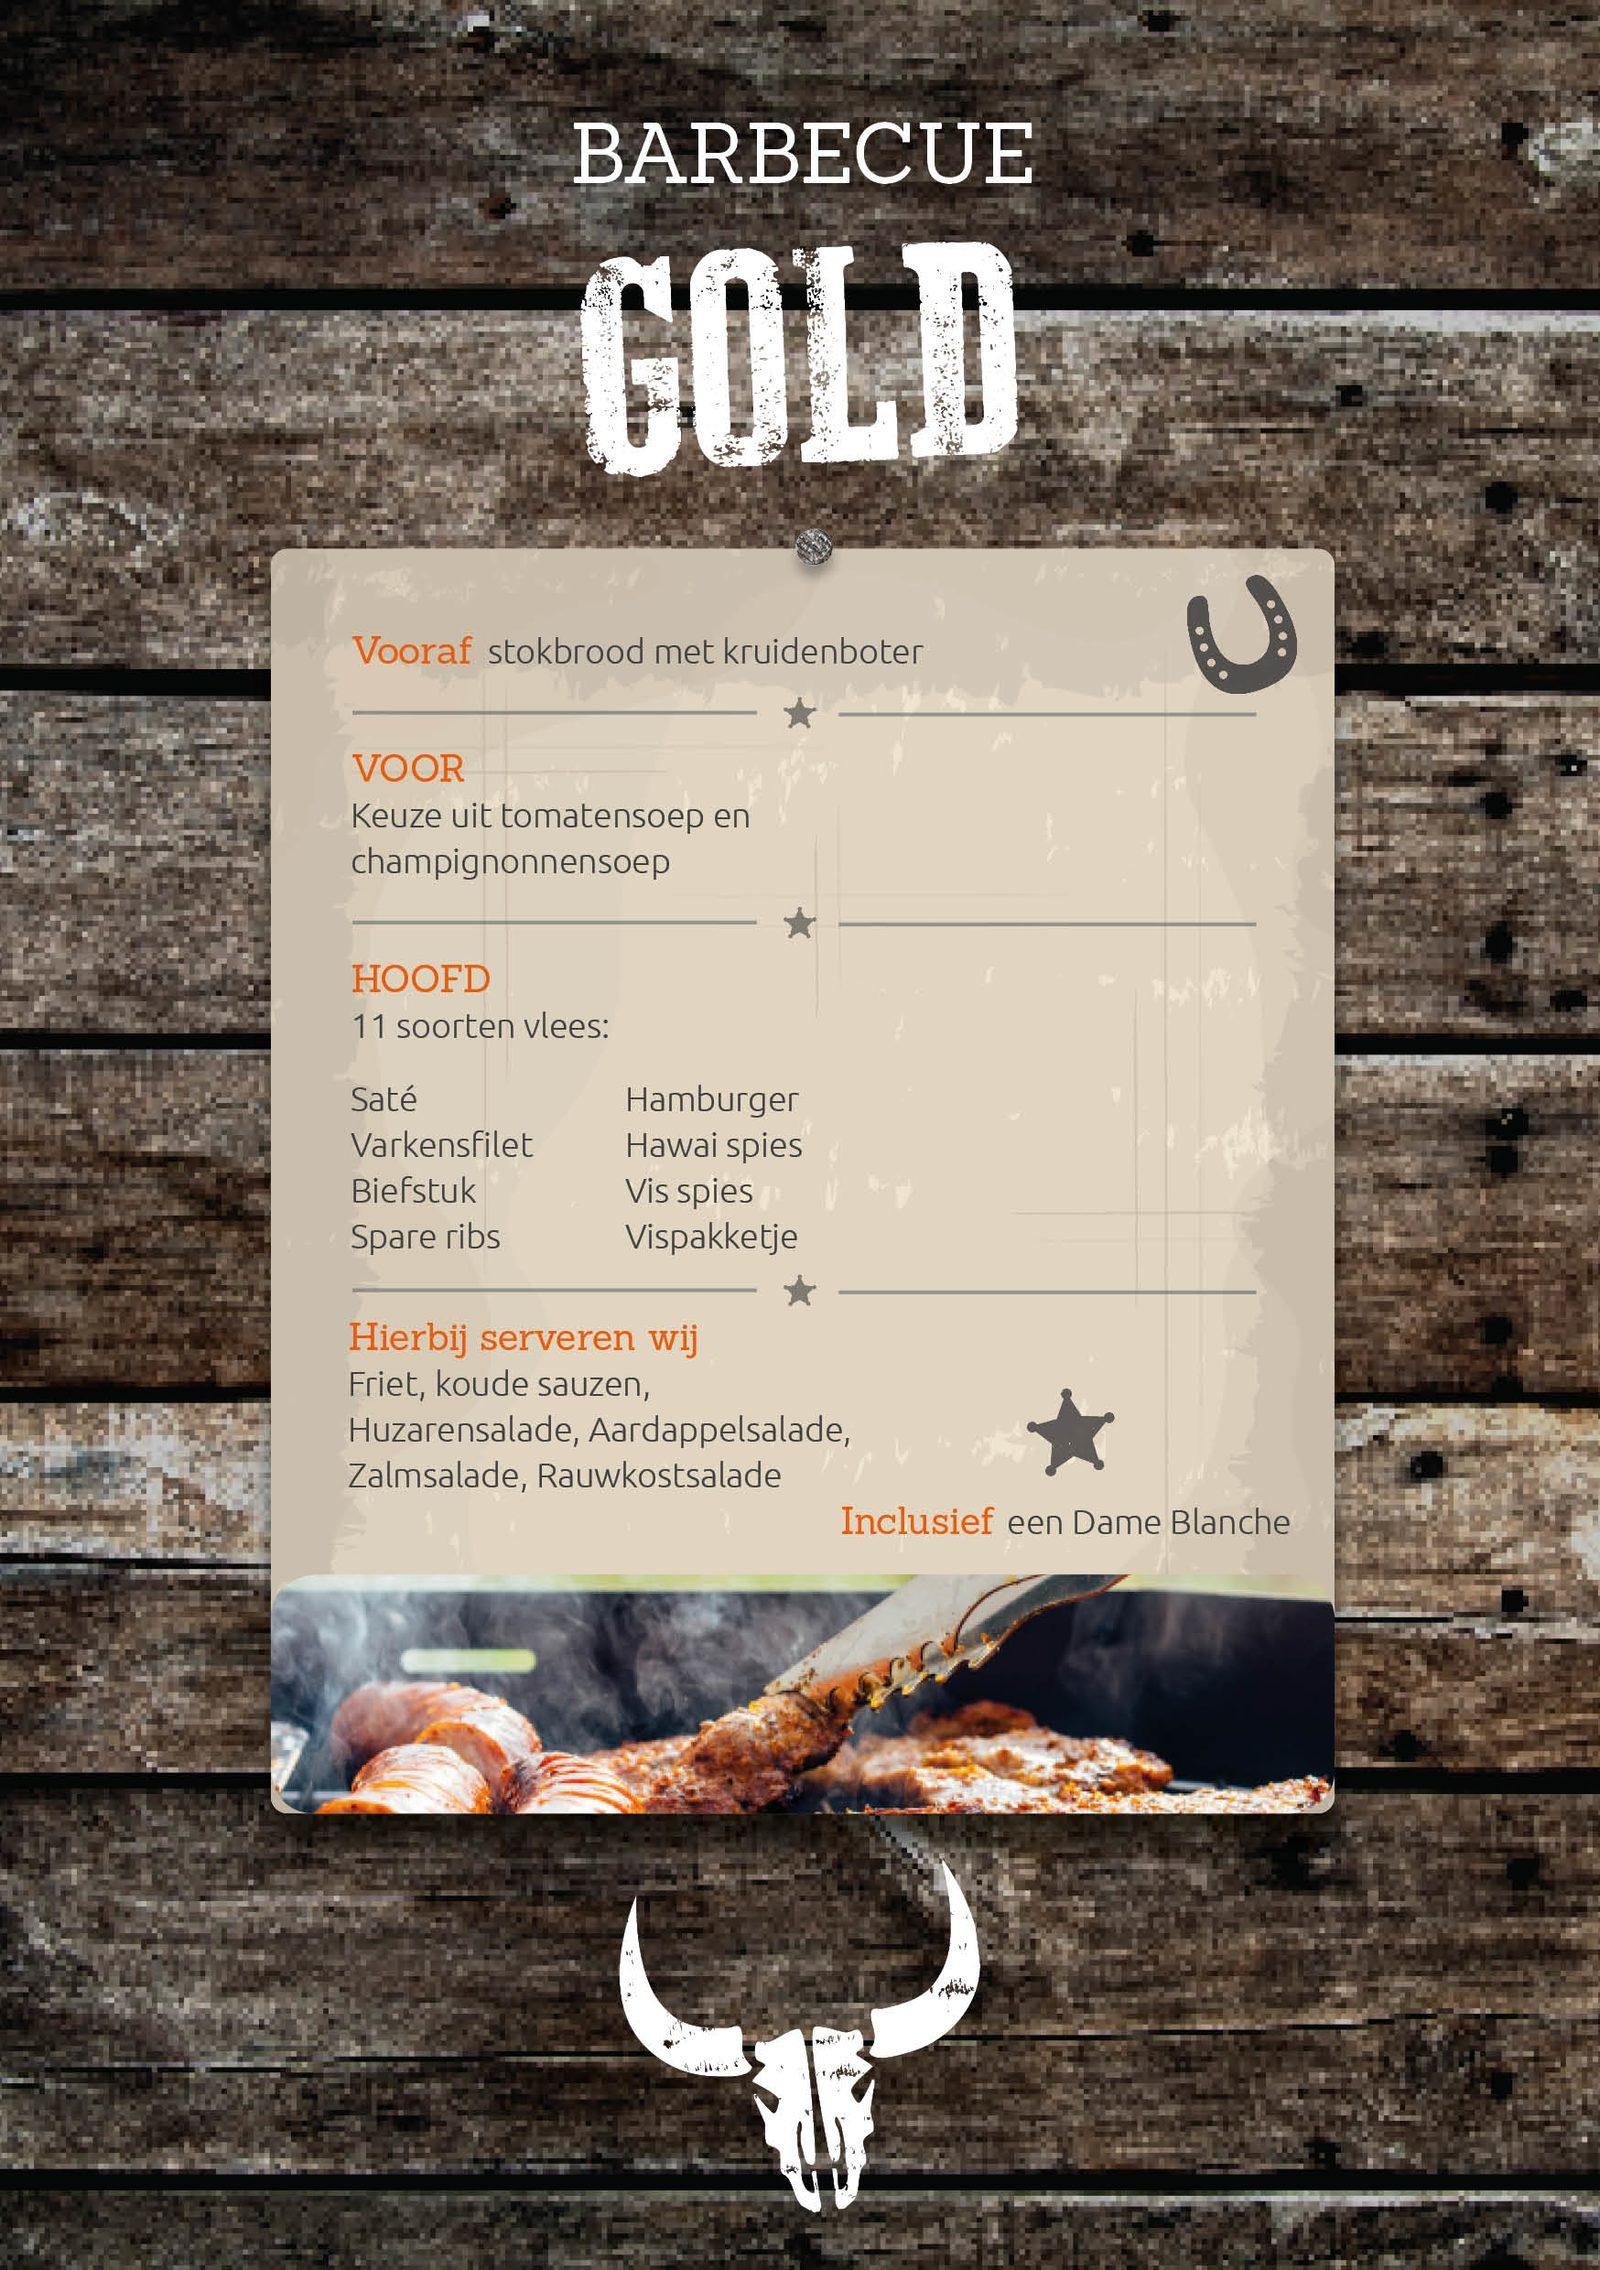 BBQ Gold bij Recreatiepark De Boshoek in Voorthuizen